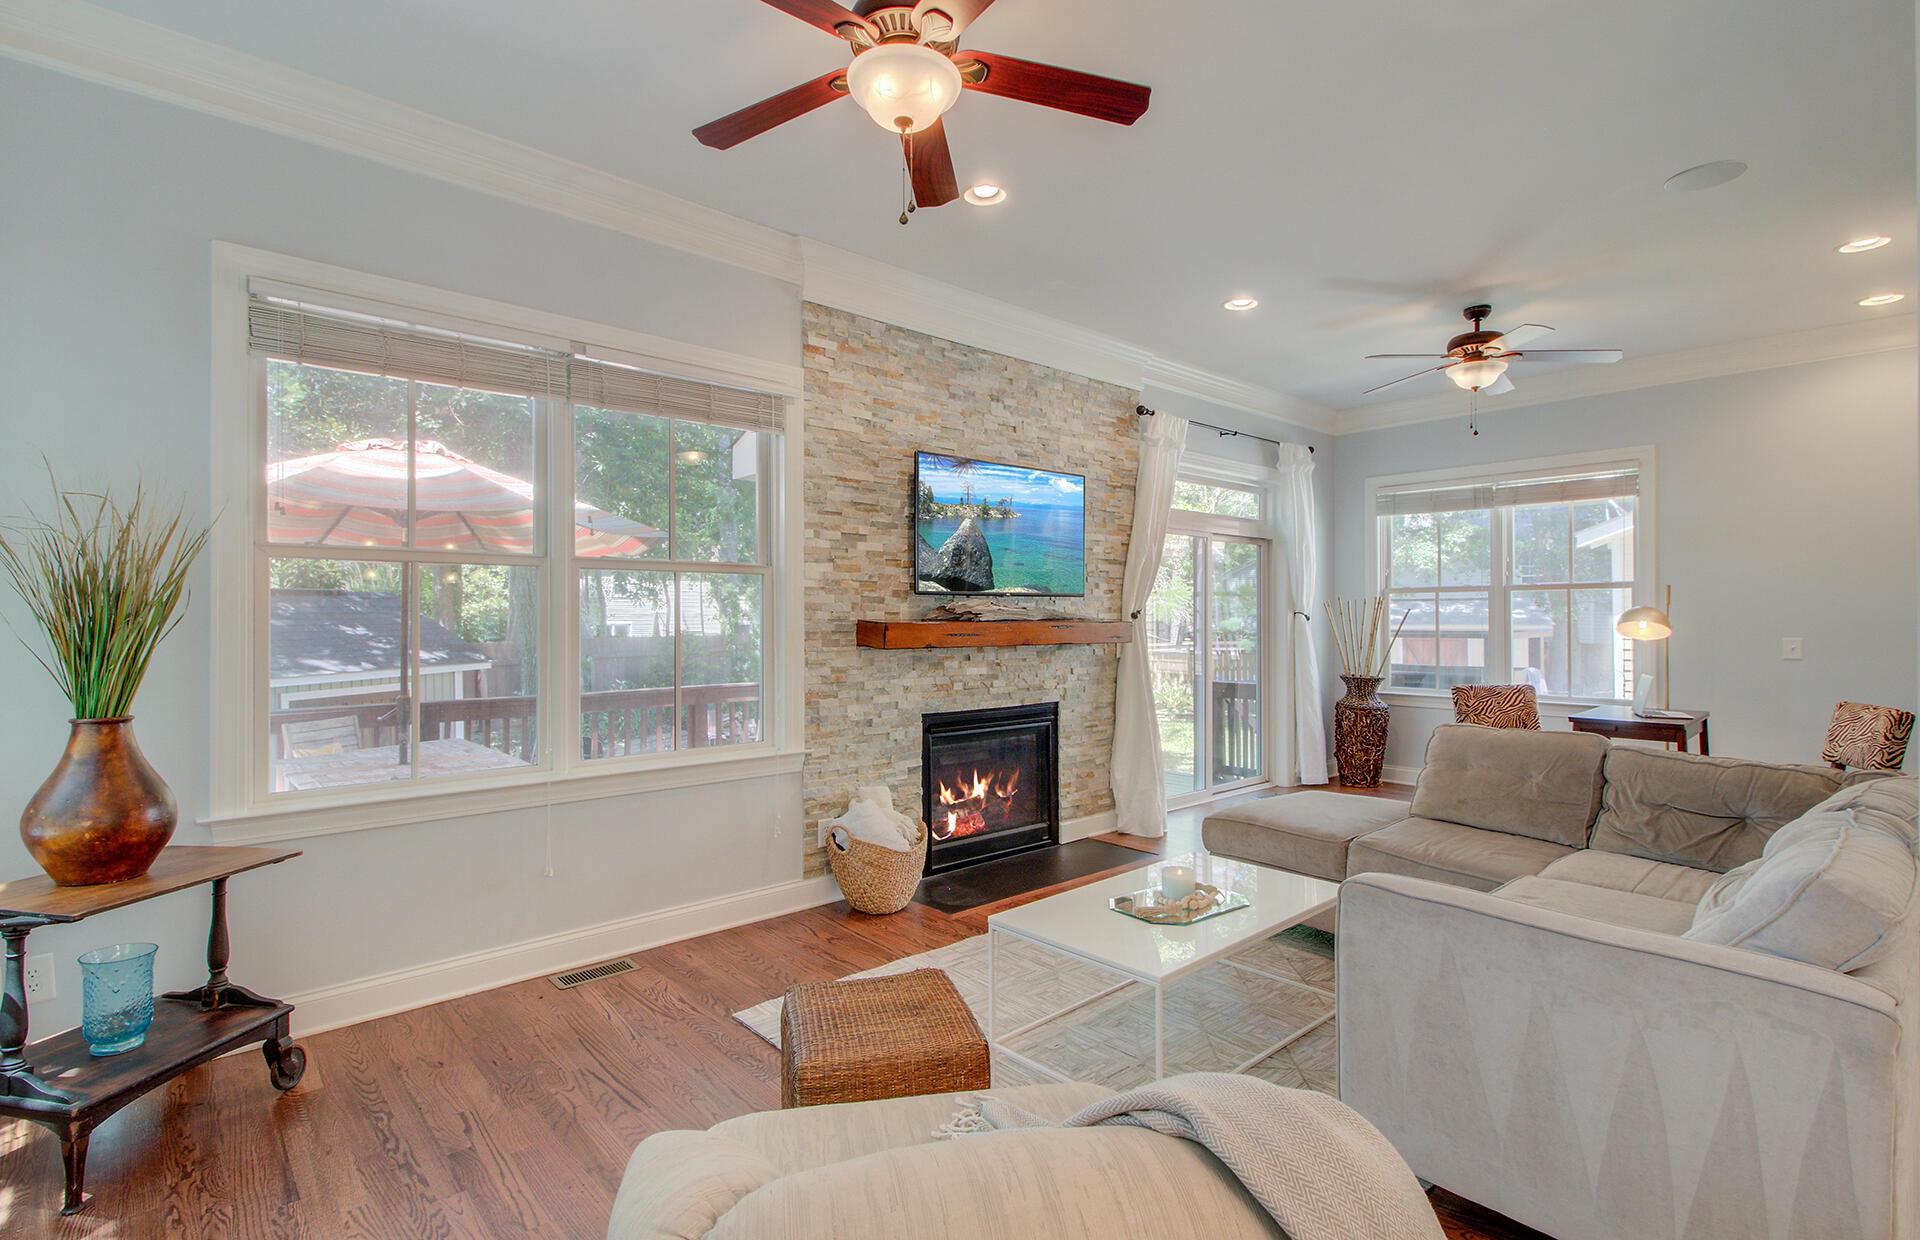 Phillips Park Homes For Sale - 1129 Phillips Park, Mount Pleasant, SC - 17